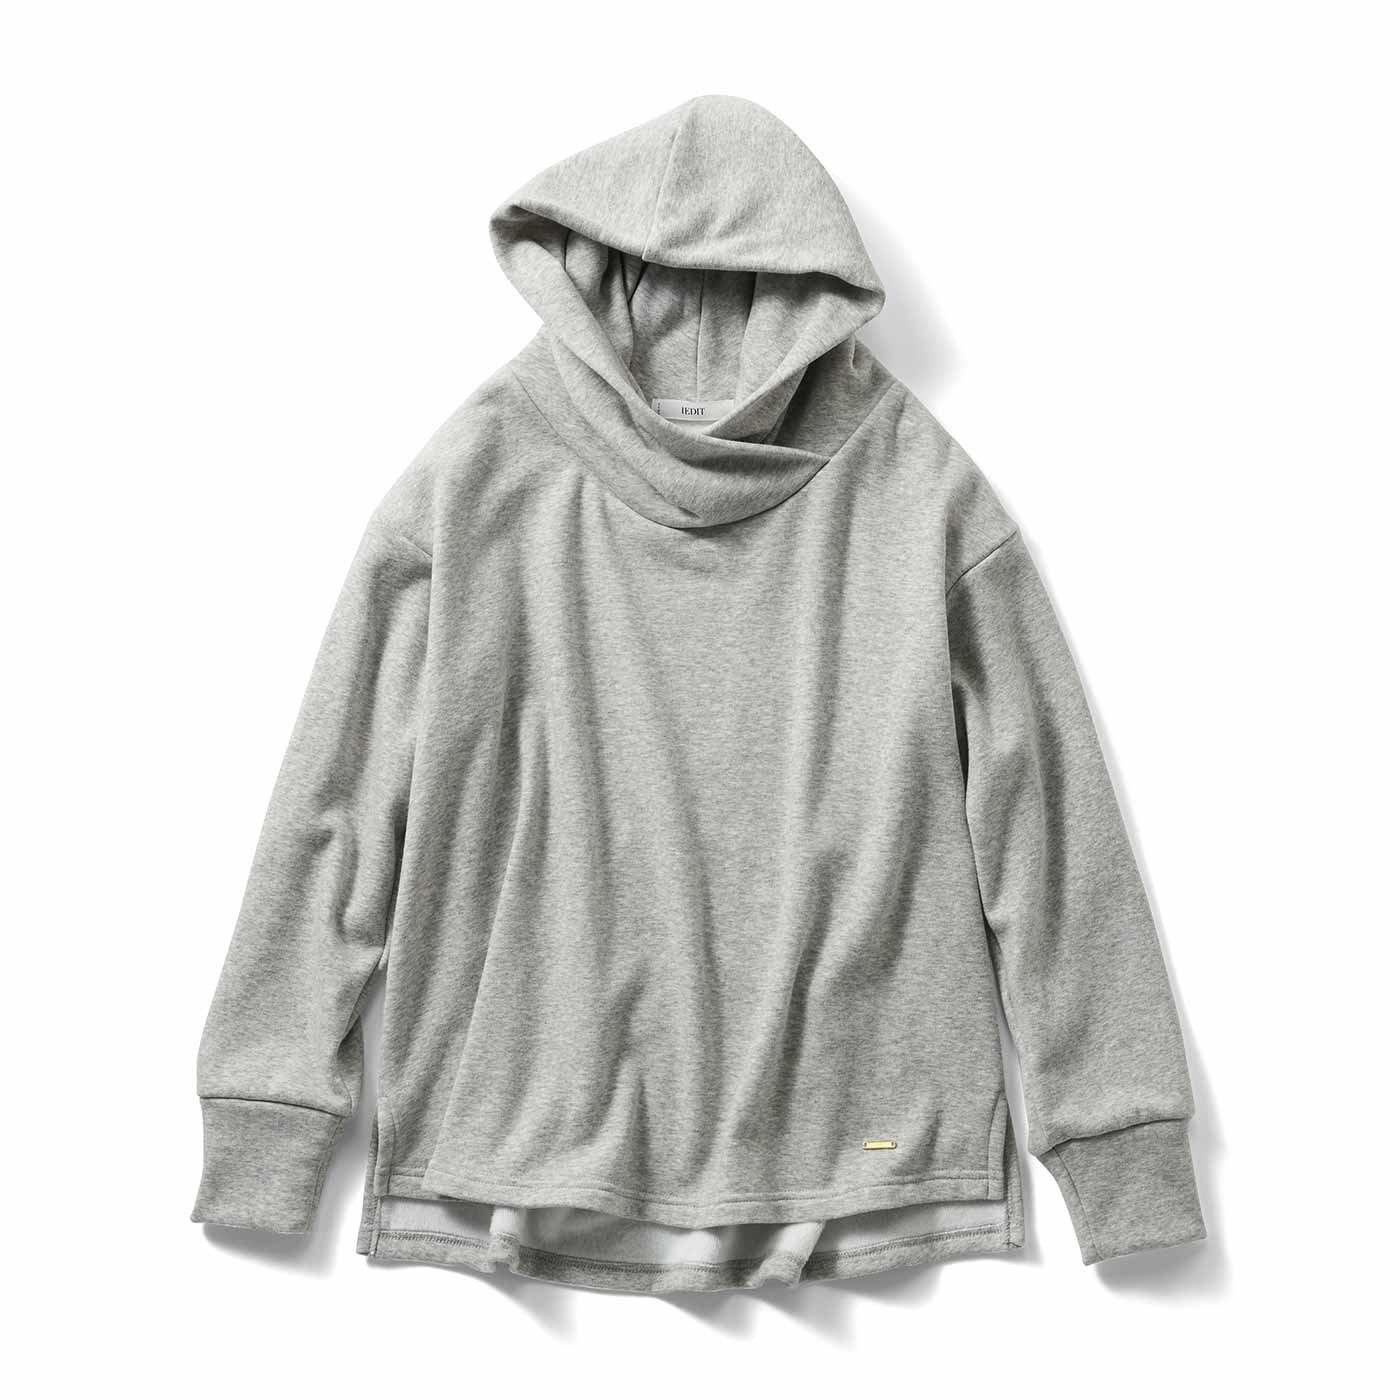 【3~10日でお届け】IEDIT[イディット] 裏シャギー素材が暖かい 衿高フードの小顔見えパーカー〈杢(もく)グレー〉